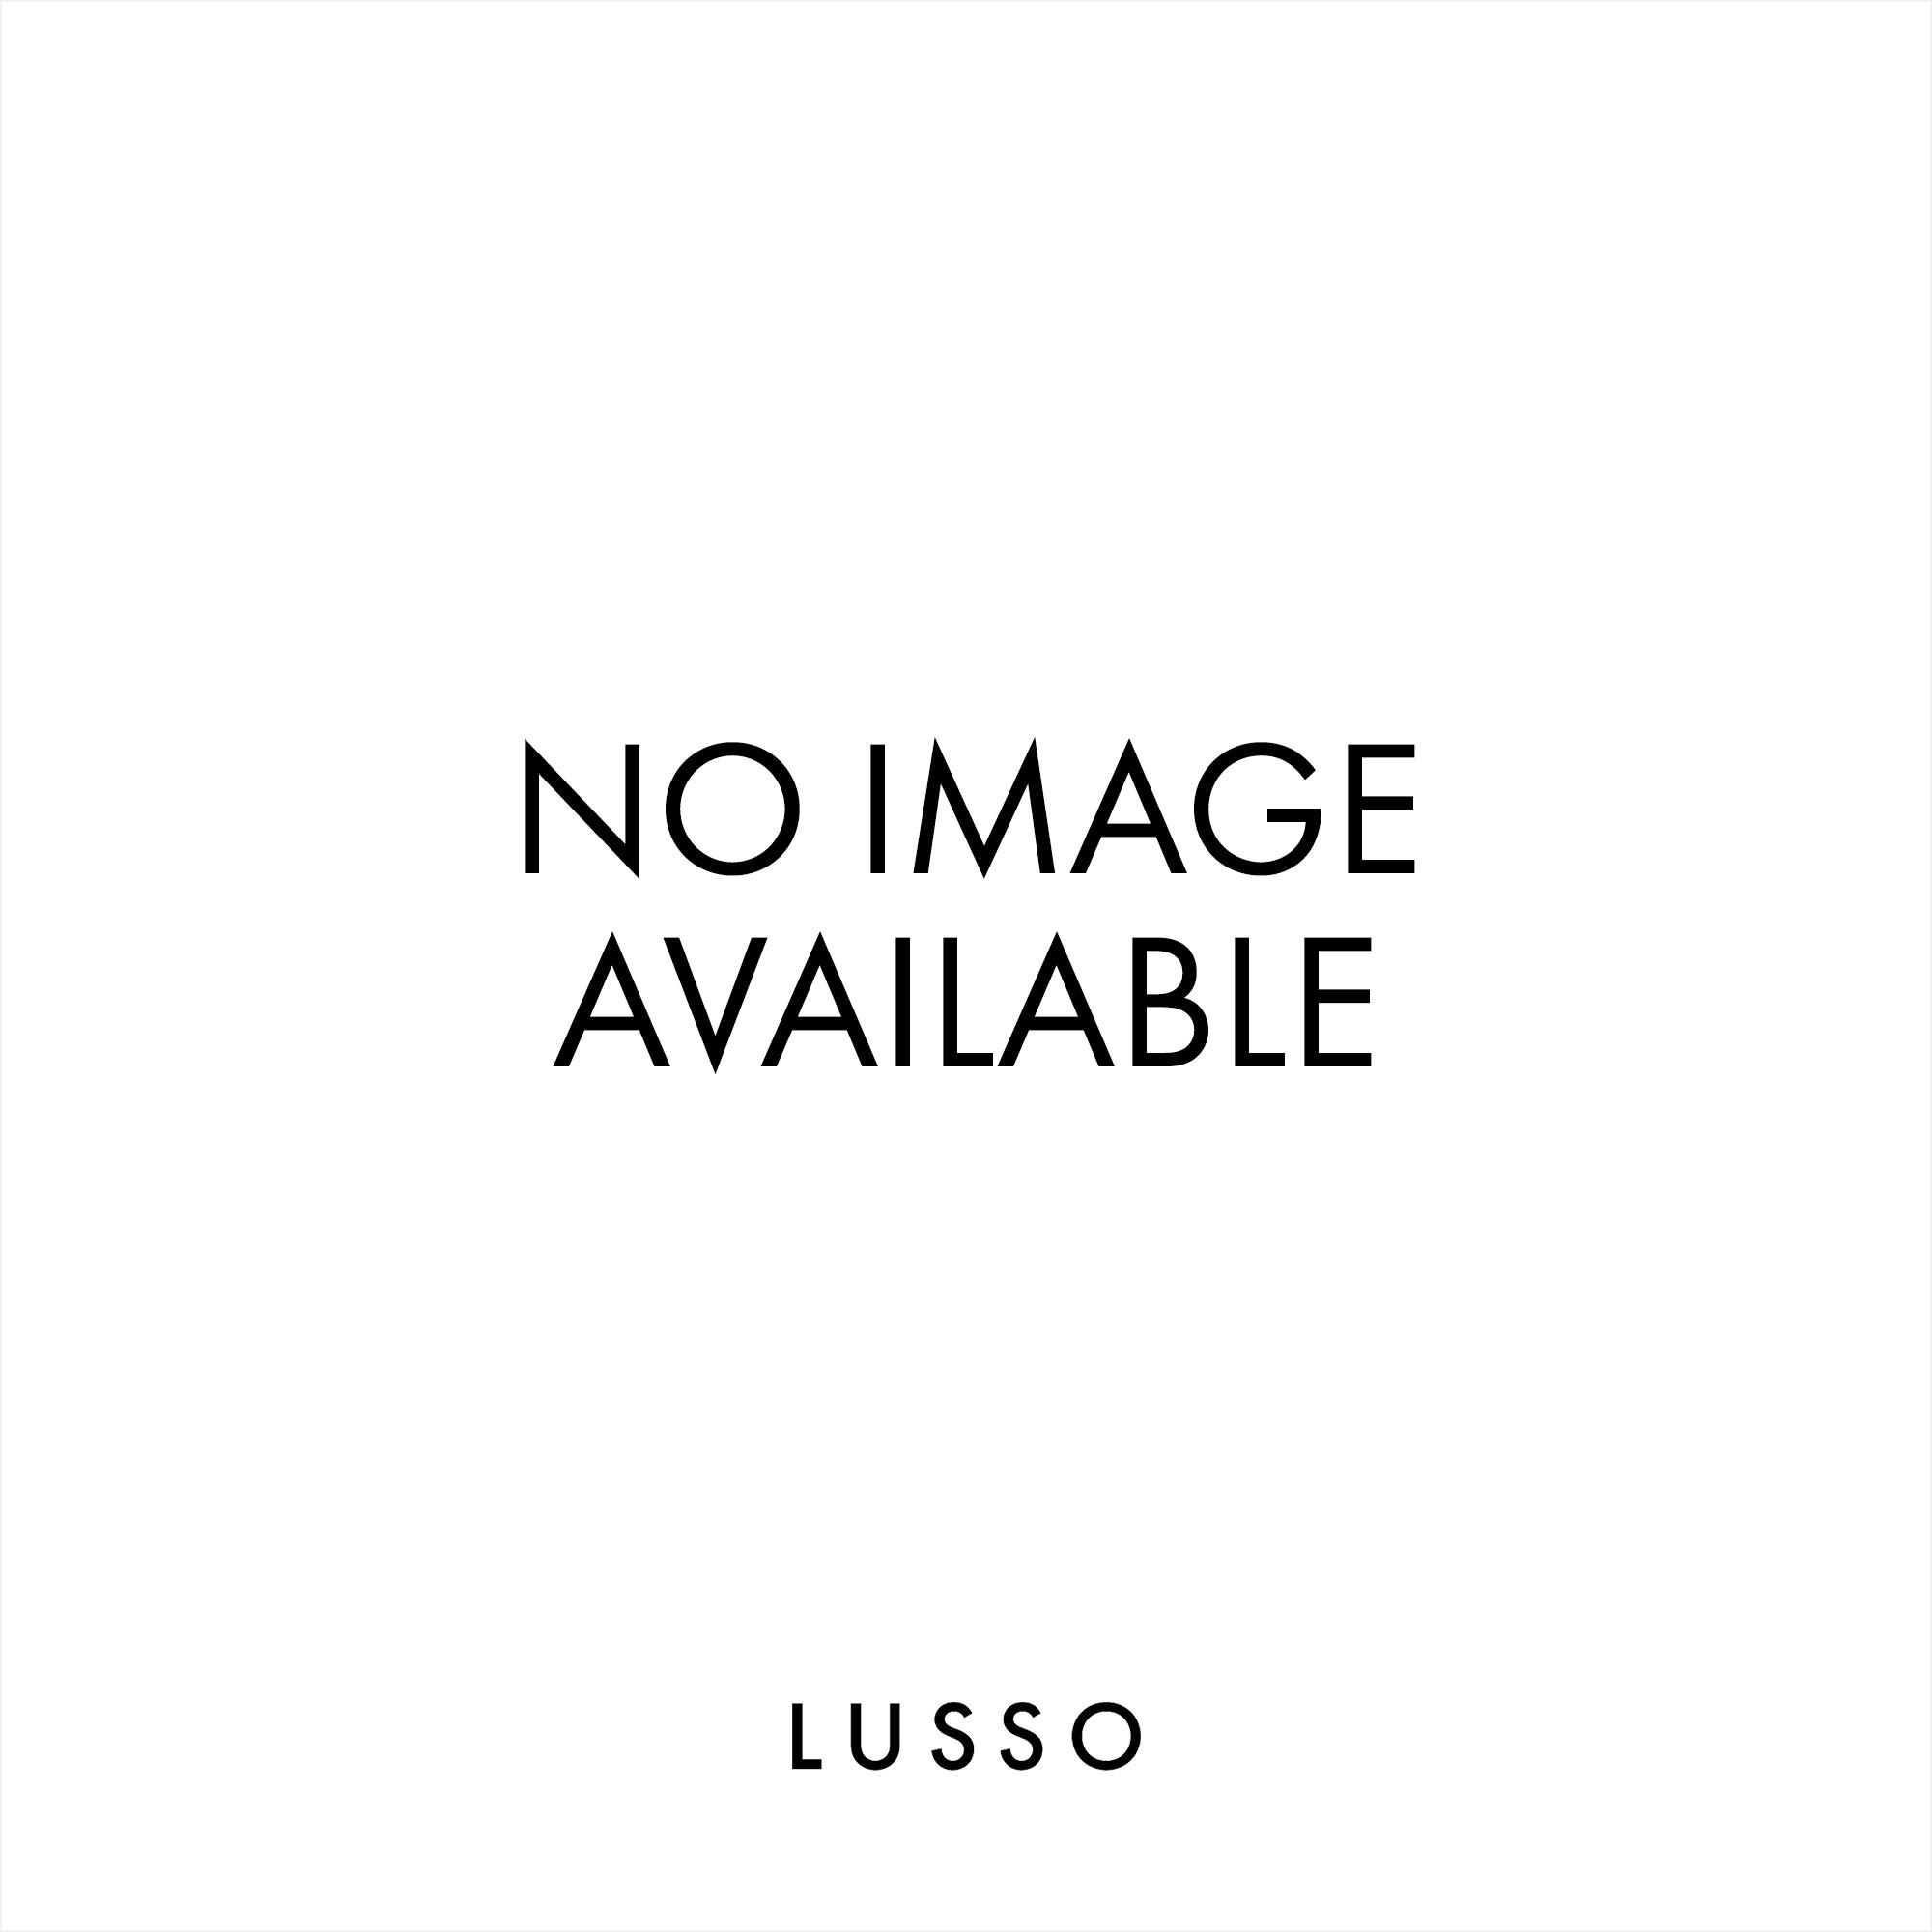 LUSSO STONE CORNER BATH | SOLID SURFACE BATHS